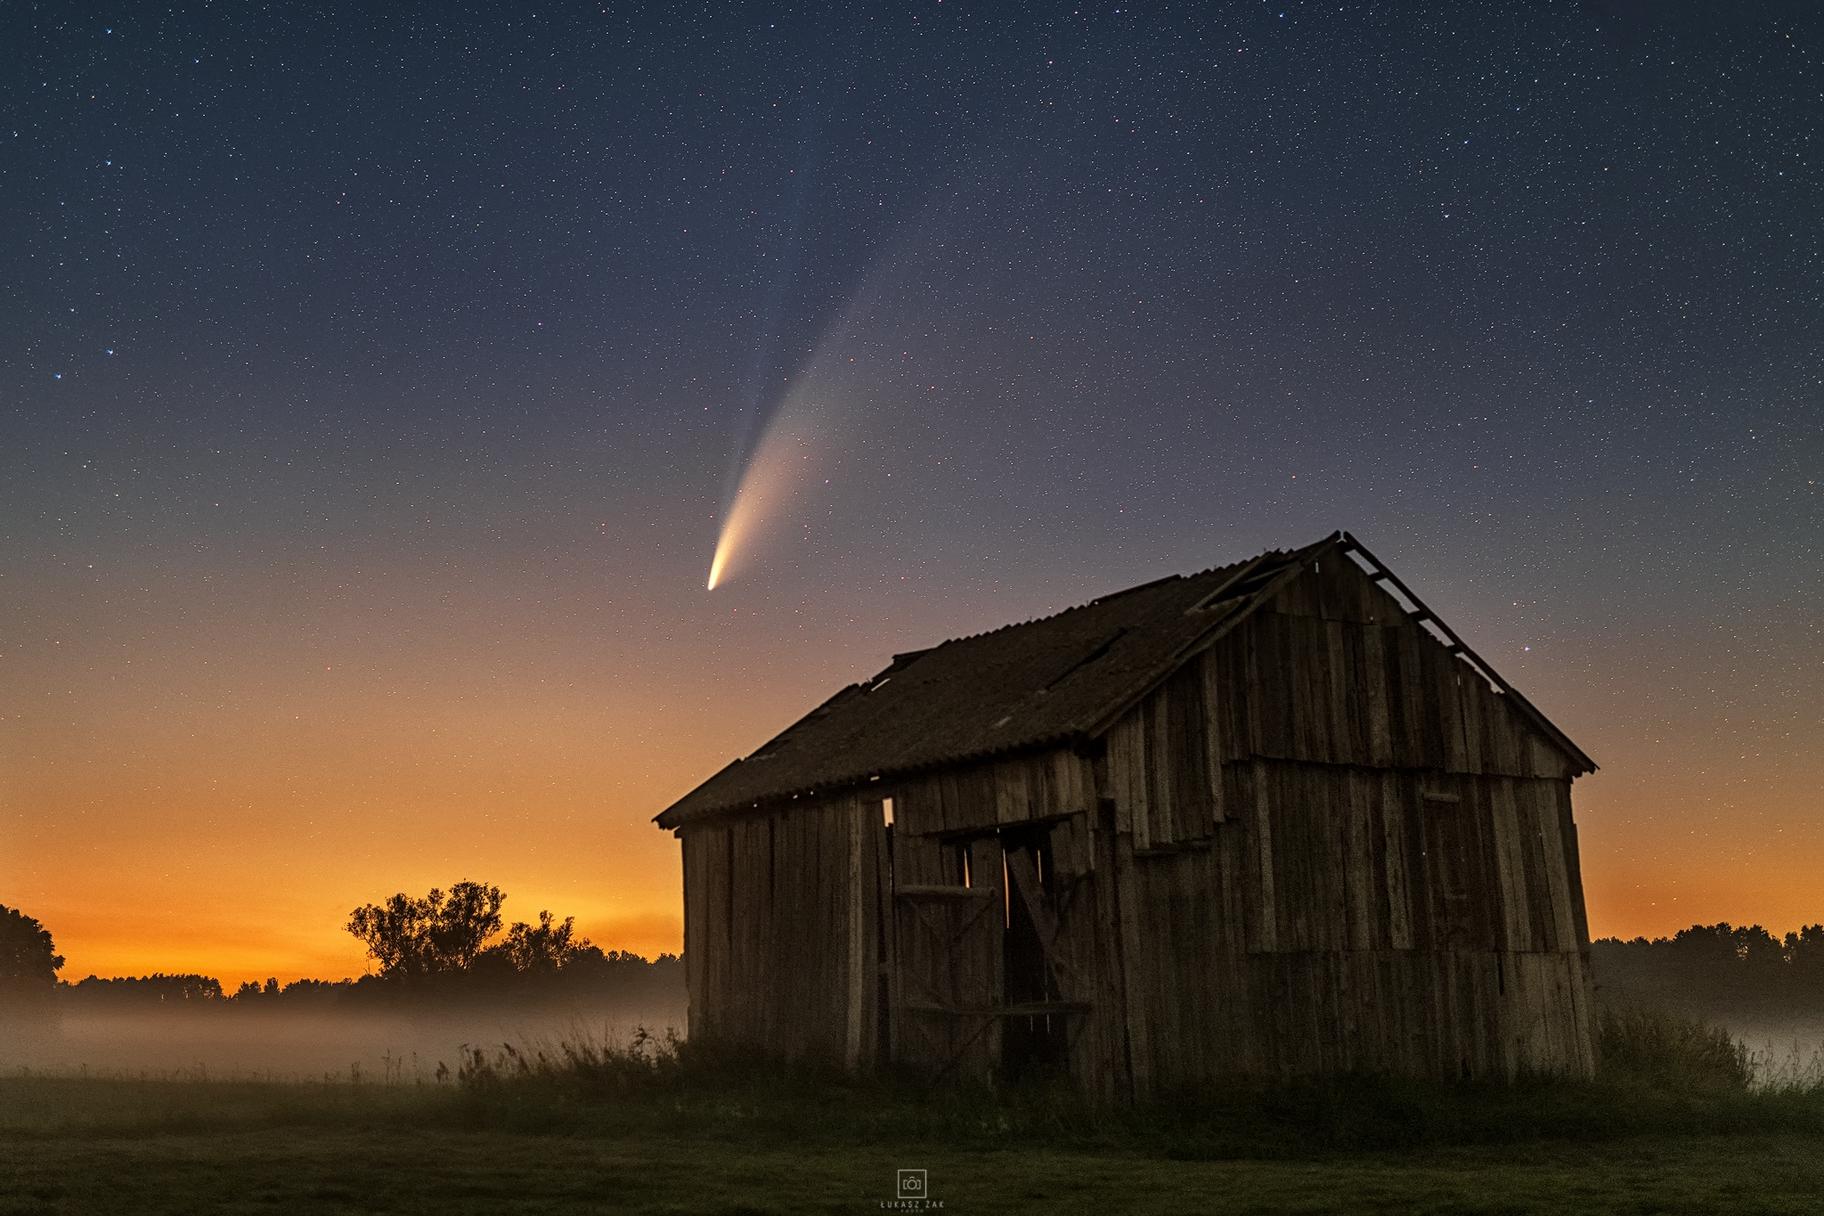 Comet C / 2020 F3 NEOWISE 15.07.2020, Łukasz Żak